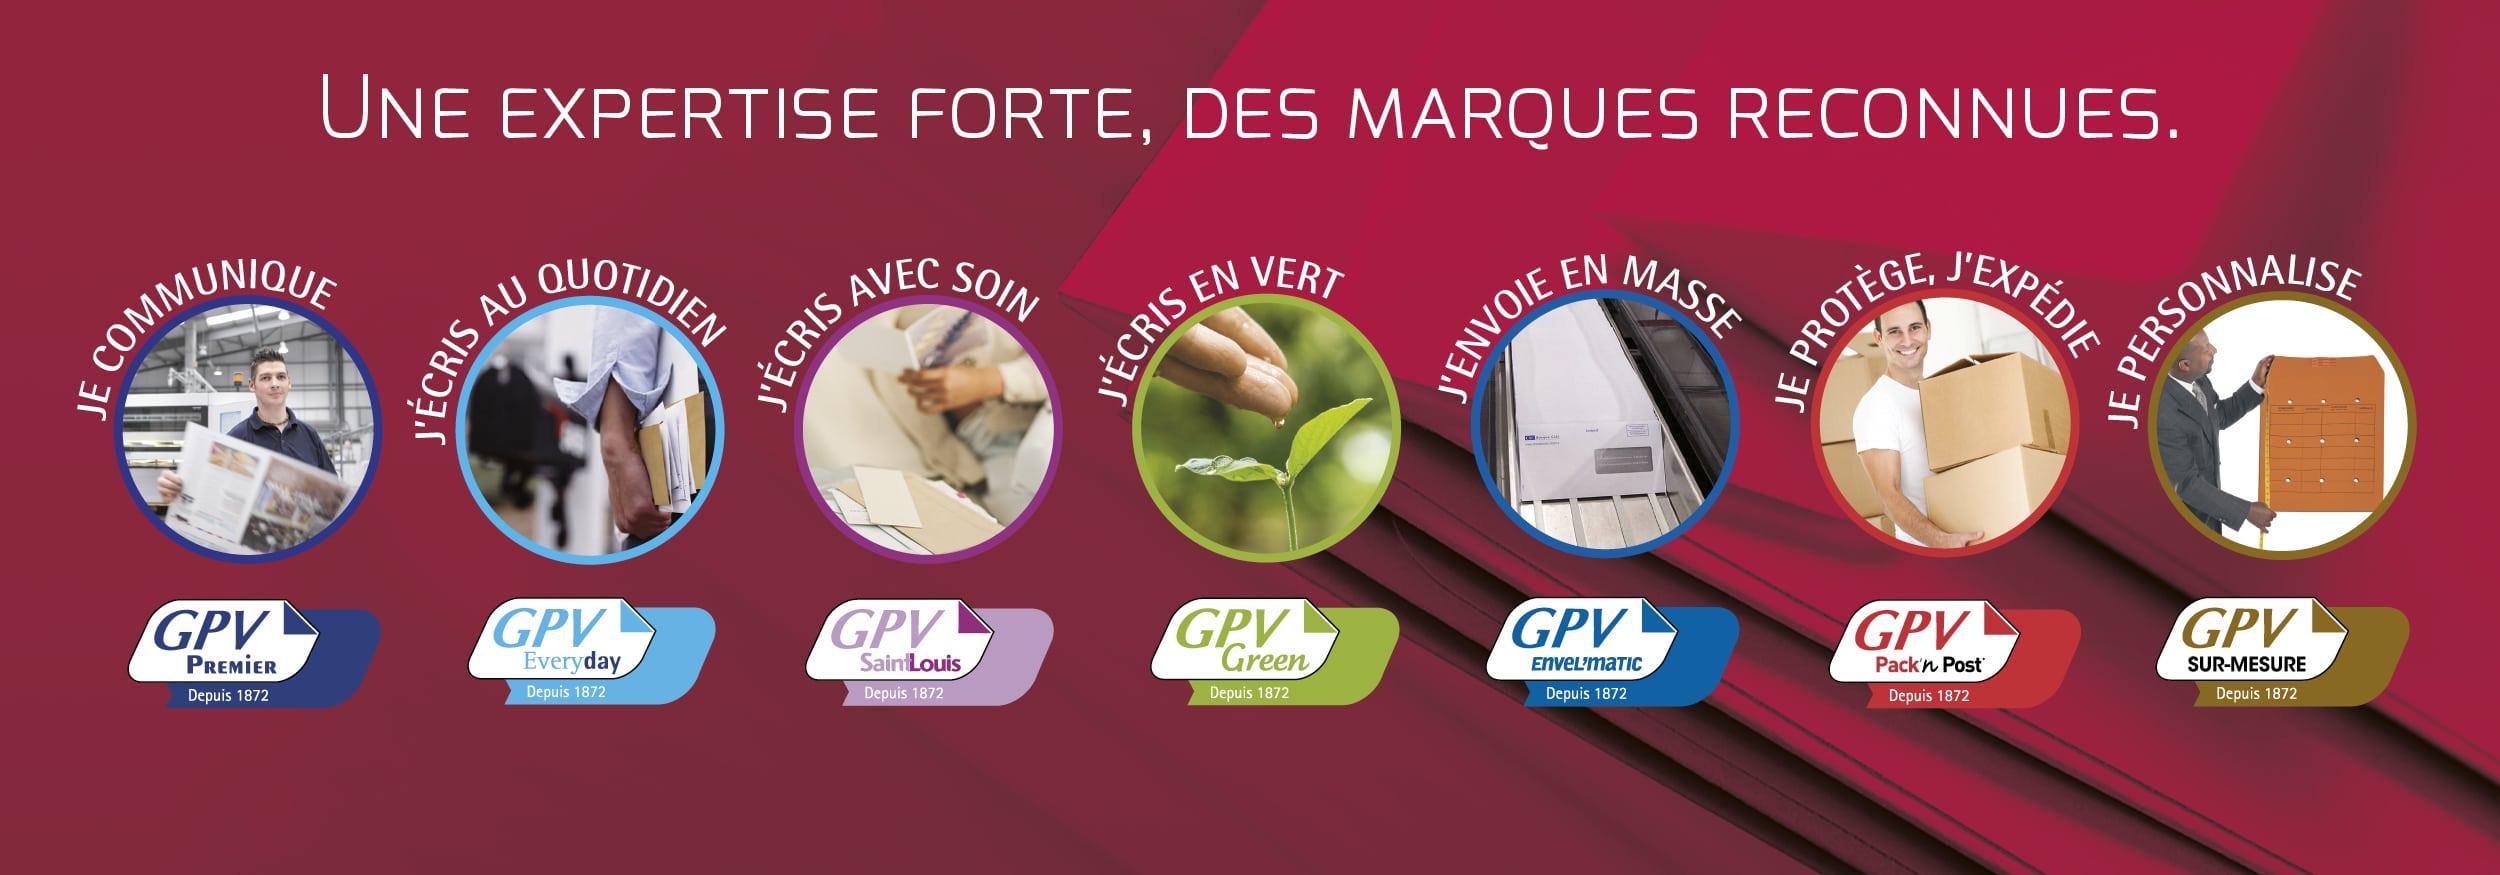 Les marques GPV